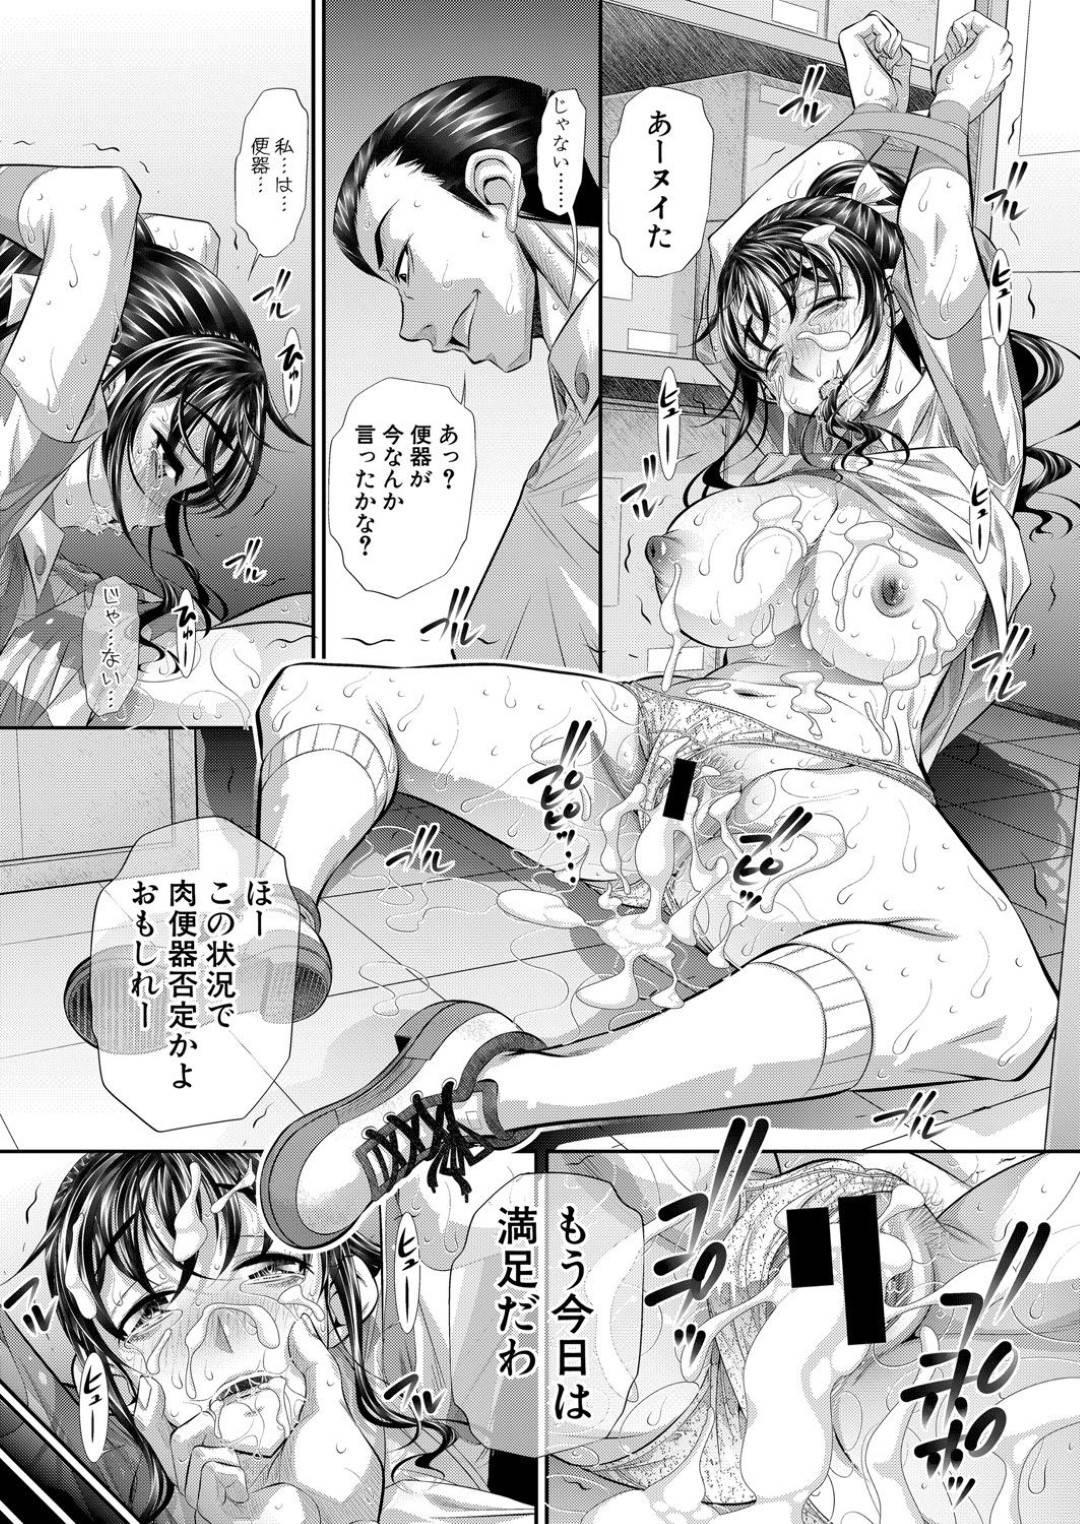 【エロ漫画】バイト先で弱味を握られ、従業員たちの性奴隷となってしまった少女。人間扱いすらされない凄惨で拘束されたまま中出しセックスしまくり屈辱的な陵辱を受ける!